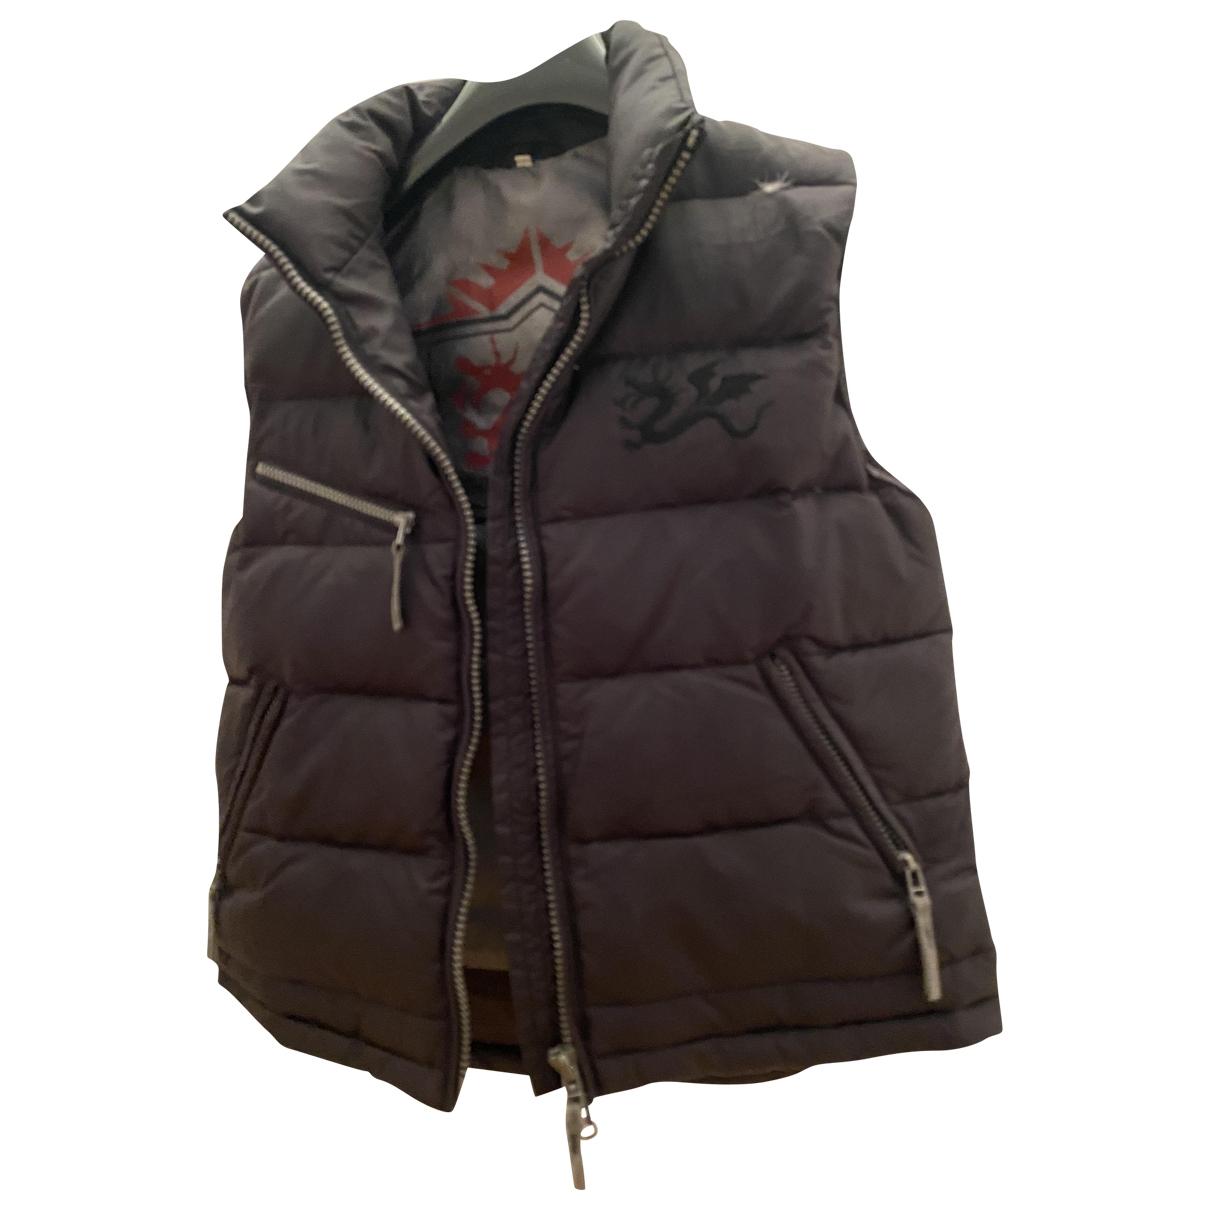 Linea Pelle \N Black coat for Women 36 FR